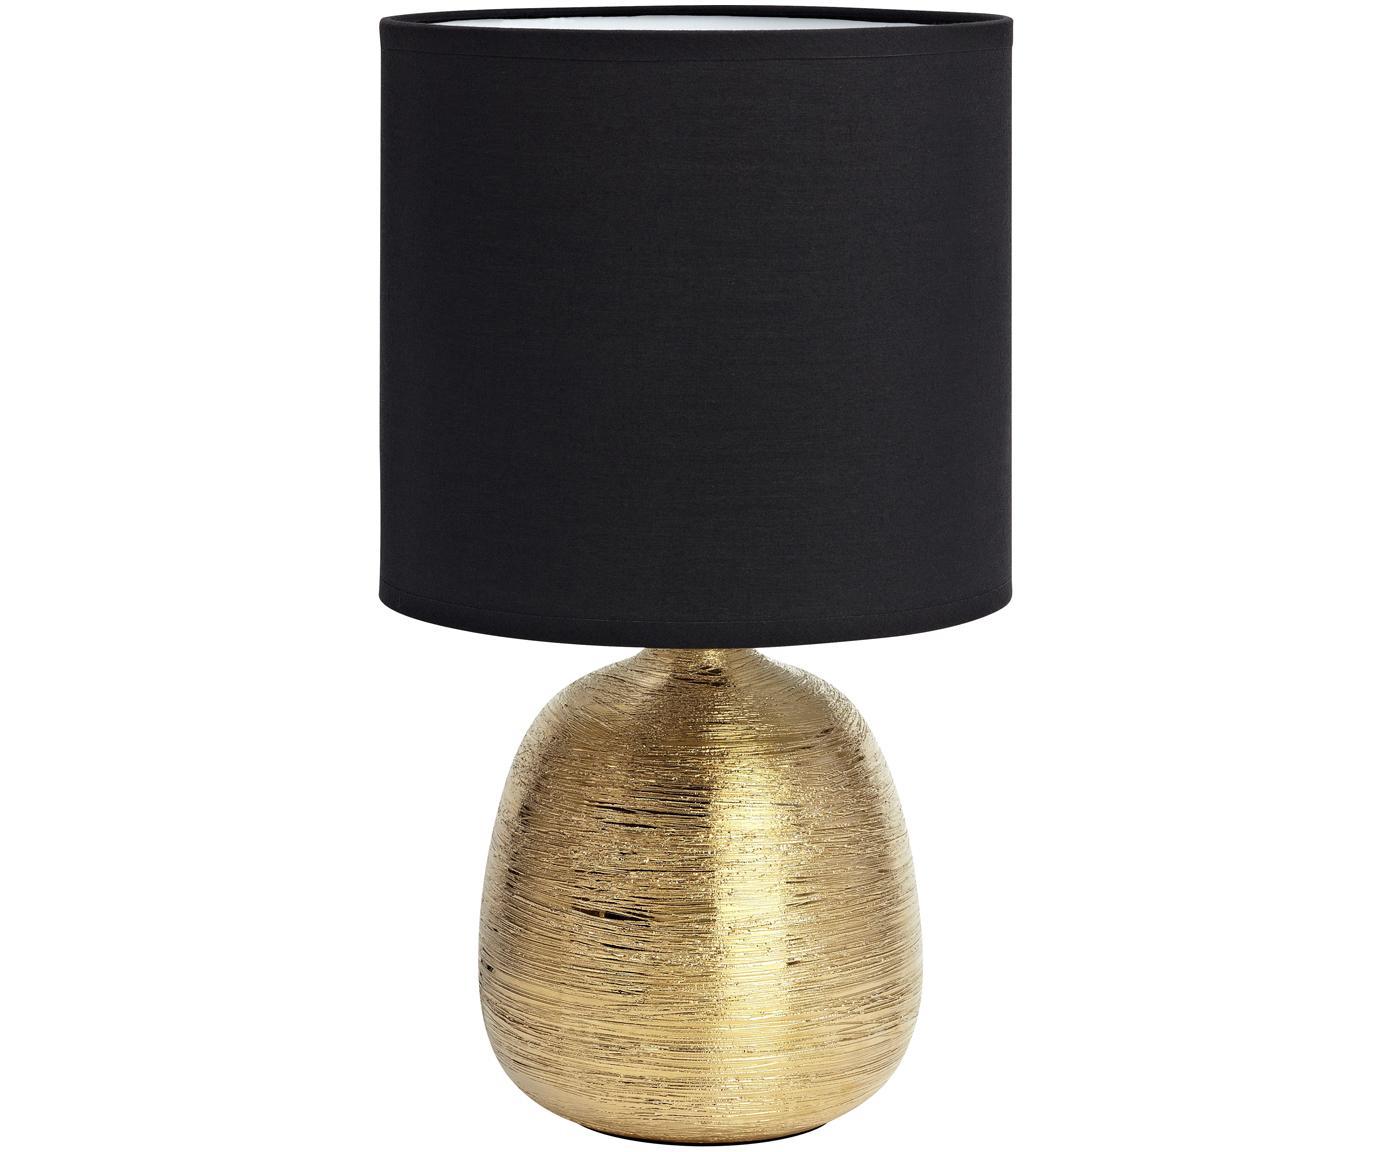 Tischleuchte Oscar in Schwarz-Gold, Lampenfuß: Keramik, Schwarz, Goldfarben, Ø 20 x H 39 cm